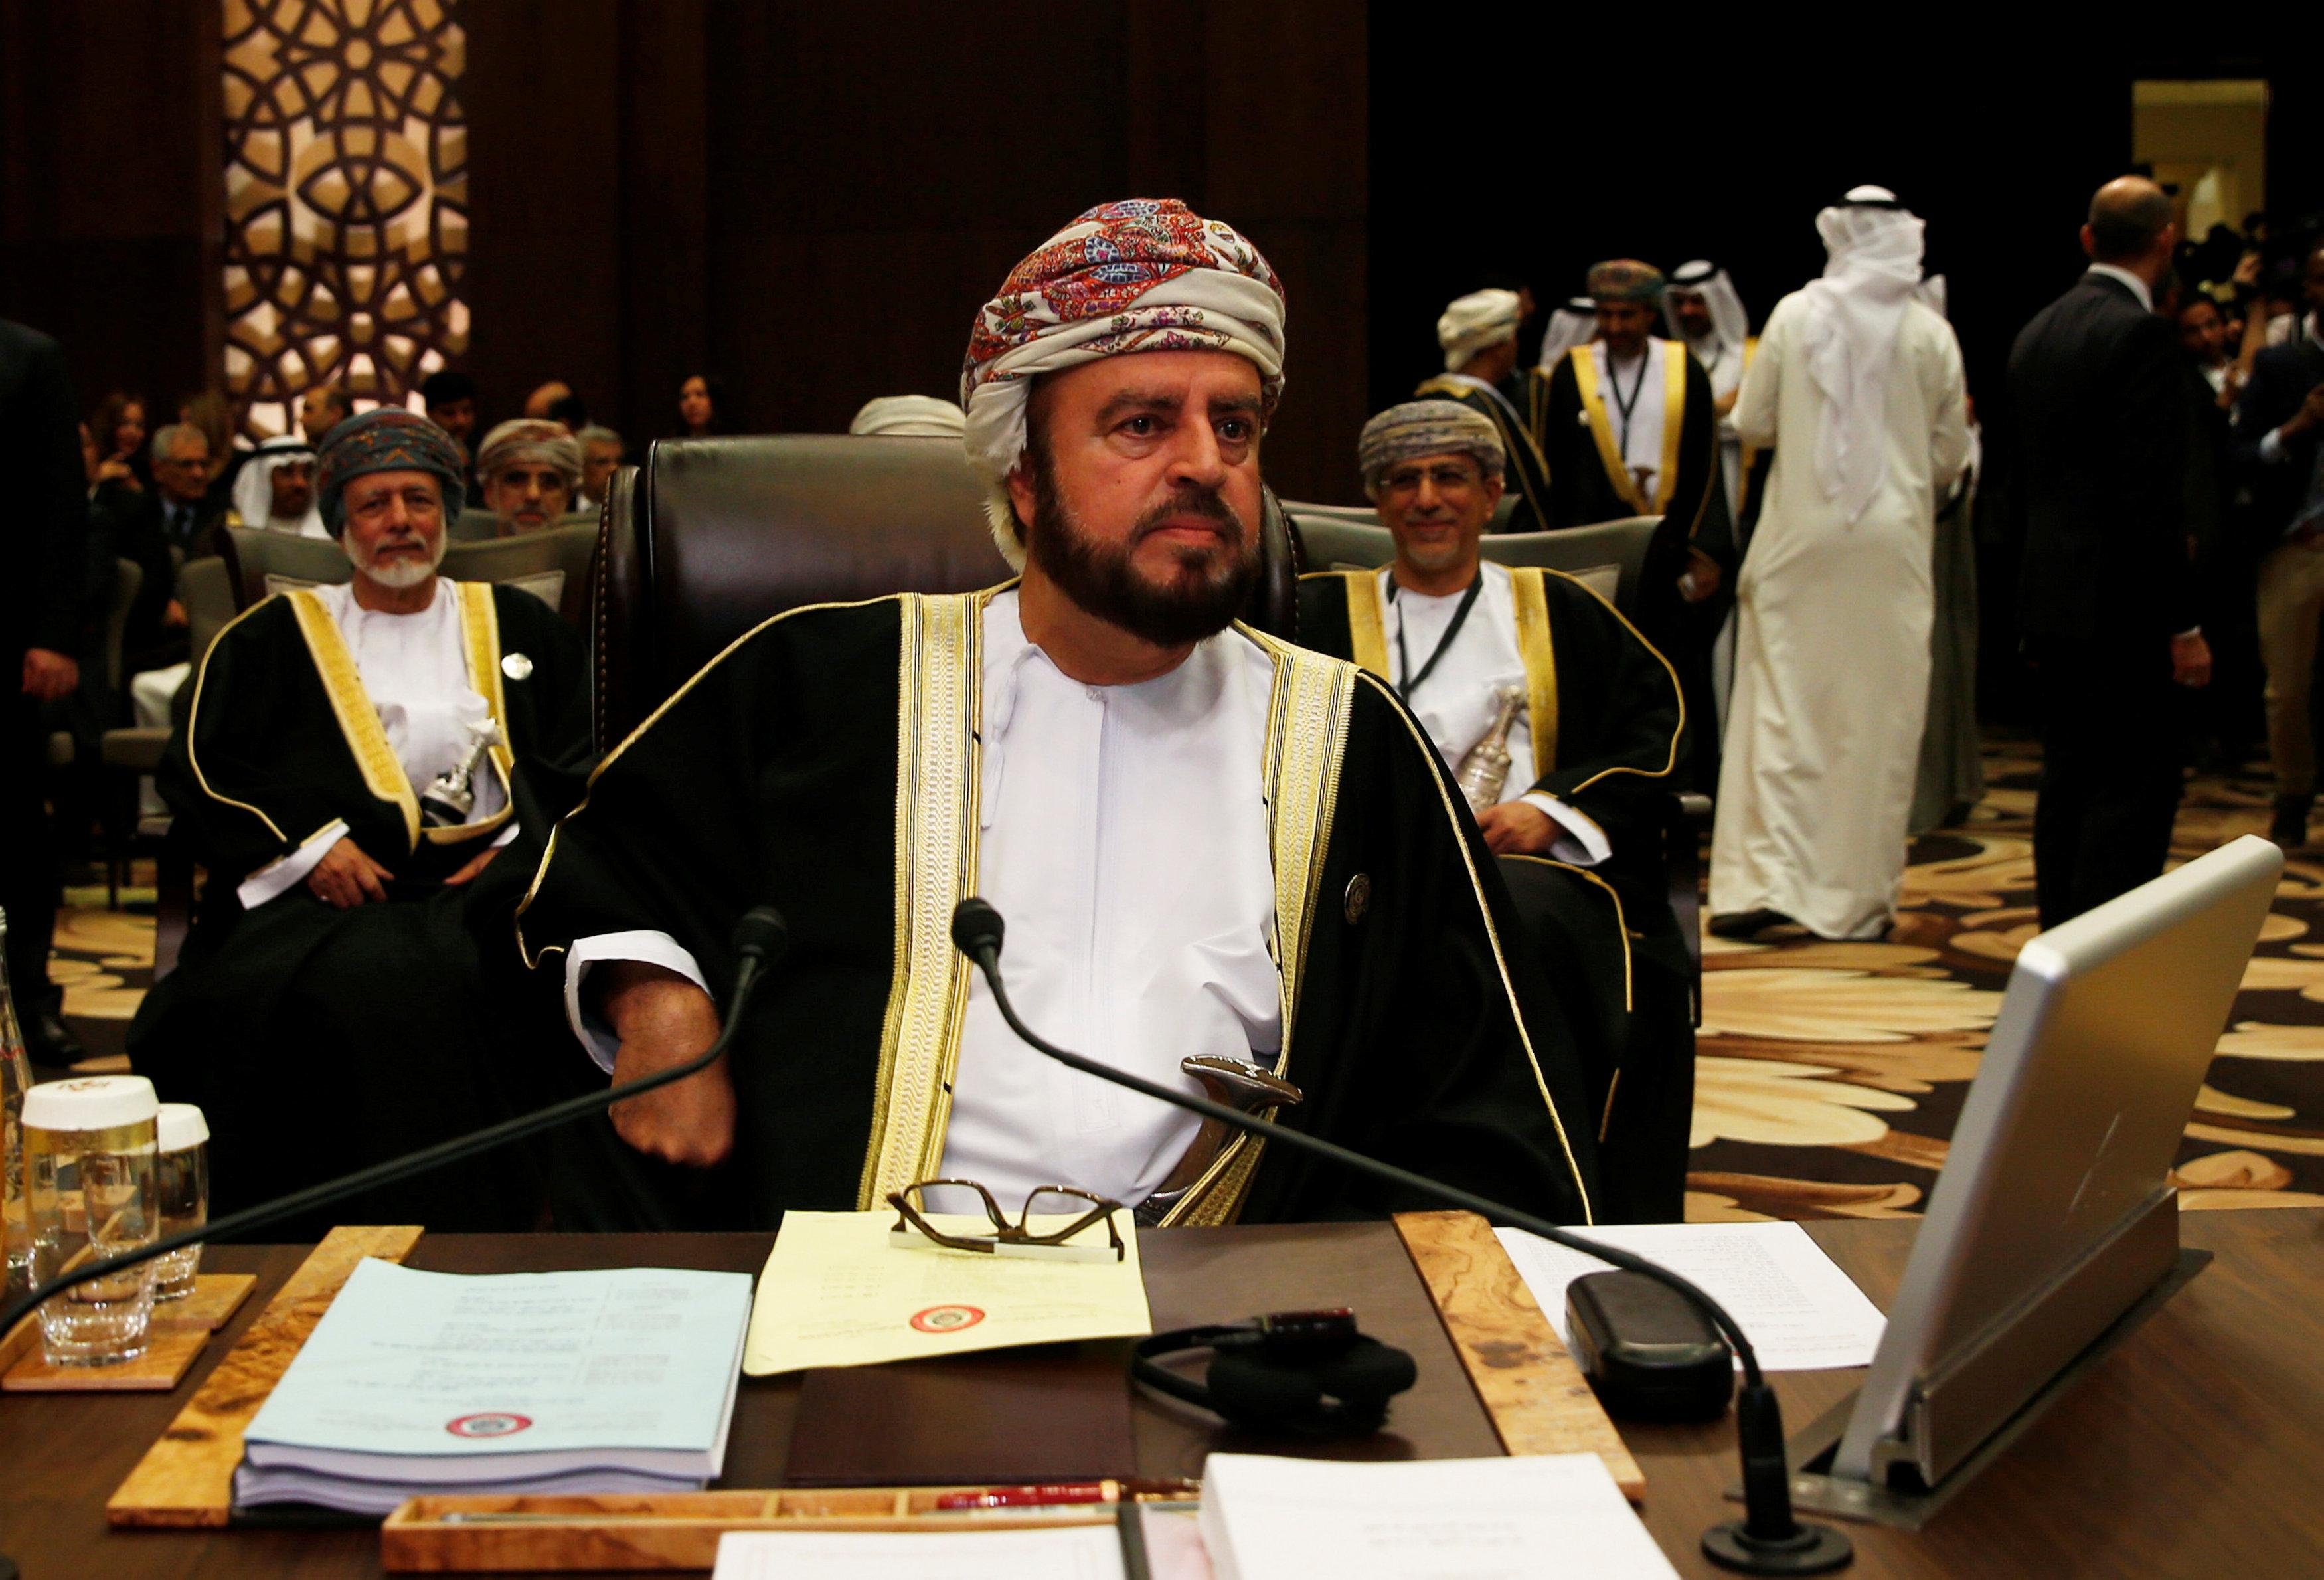 أسعد بن طارق ال سعيد نائب رئيس الوزراء العمانى